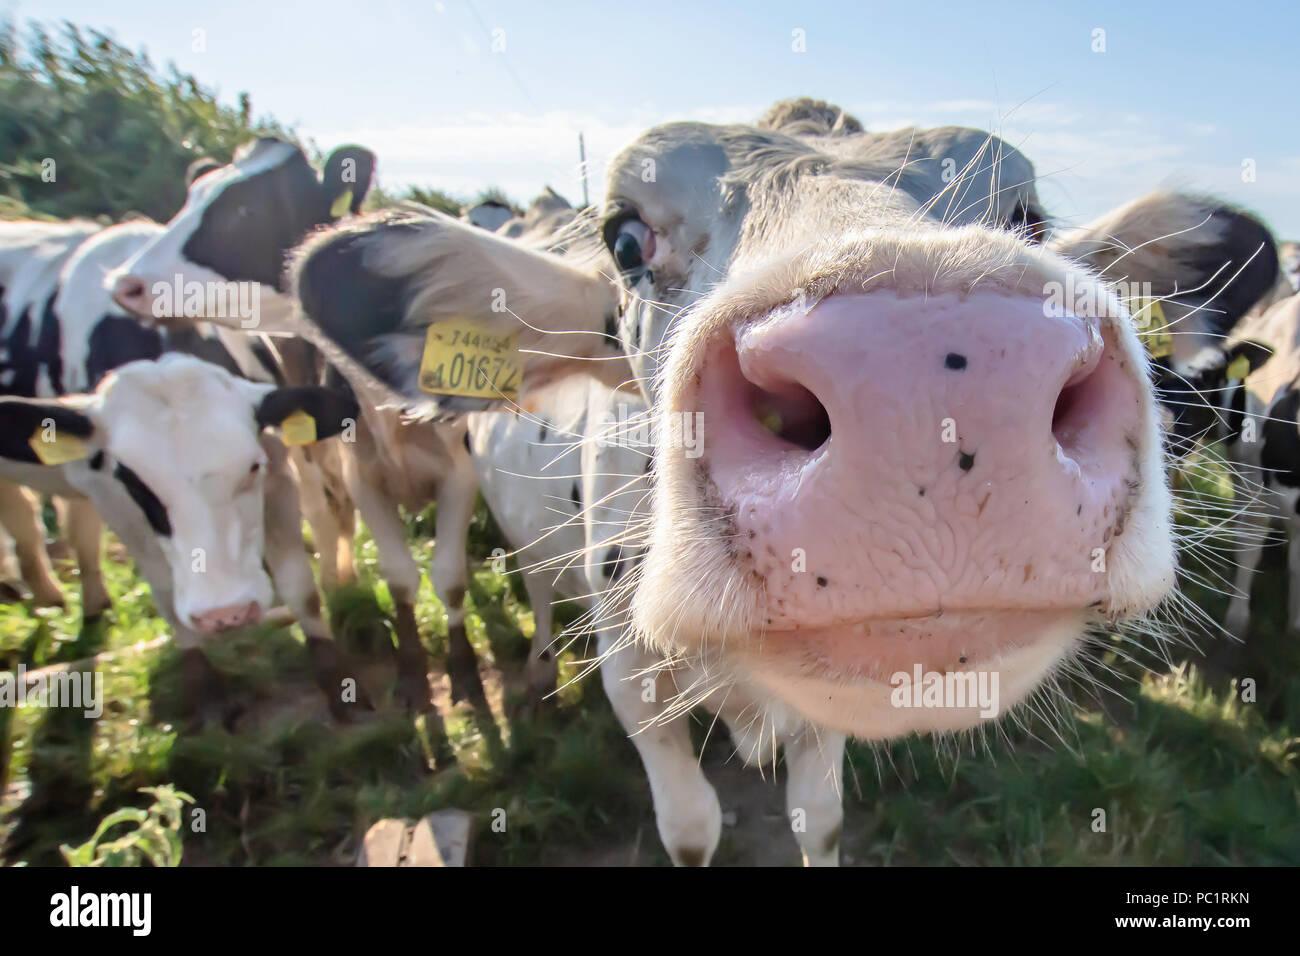 Vacca bianca close up ritratto su pascolo.animale da azienda cercando nella fotocamera con obiettivo grandangolare.divertenti e animali adorabili.Bovini Uk.Funny vacche. Immagini Stock